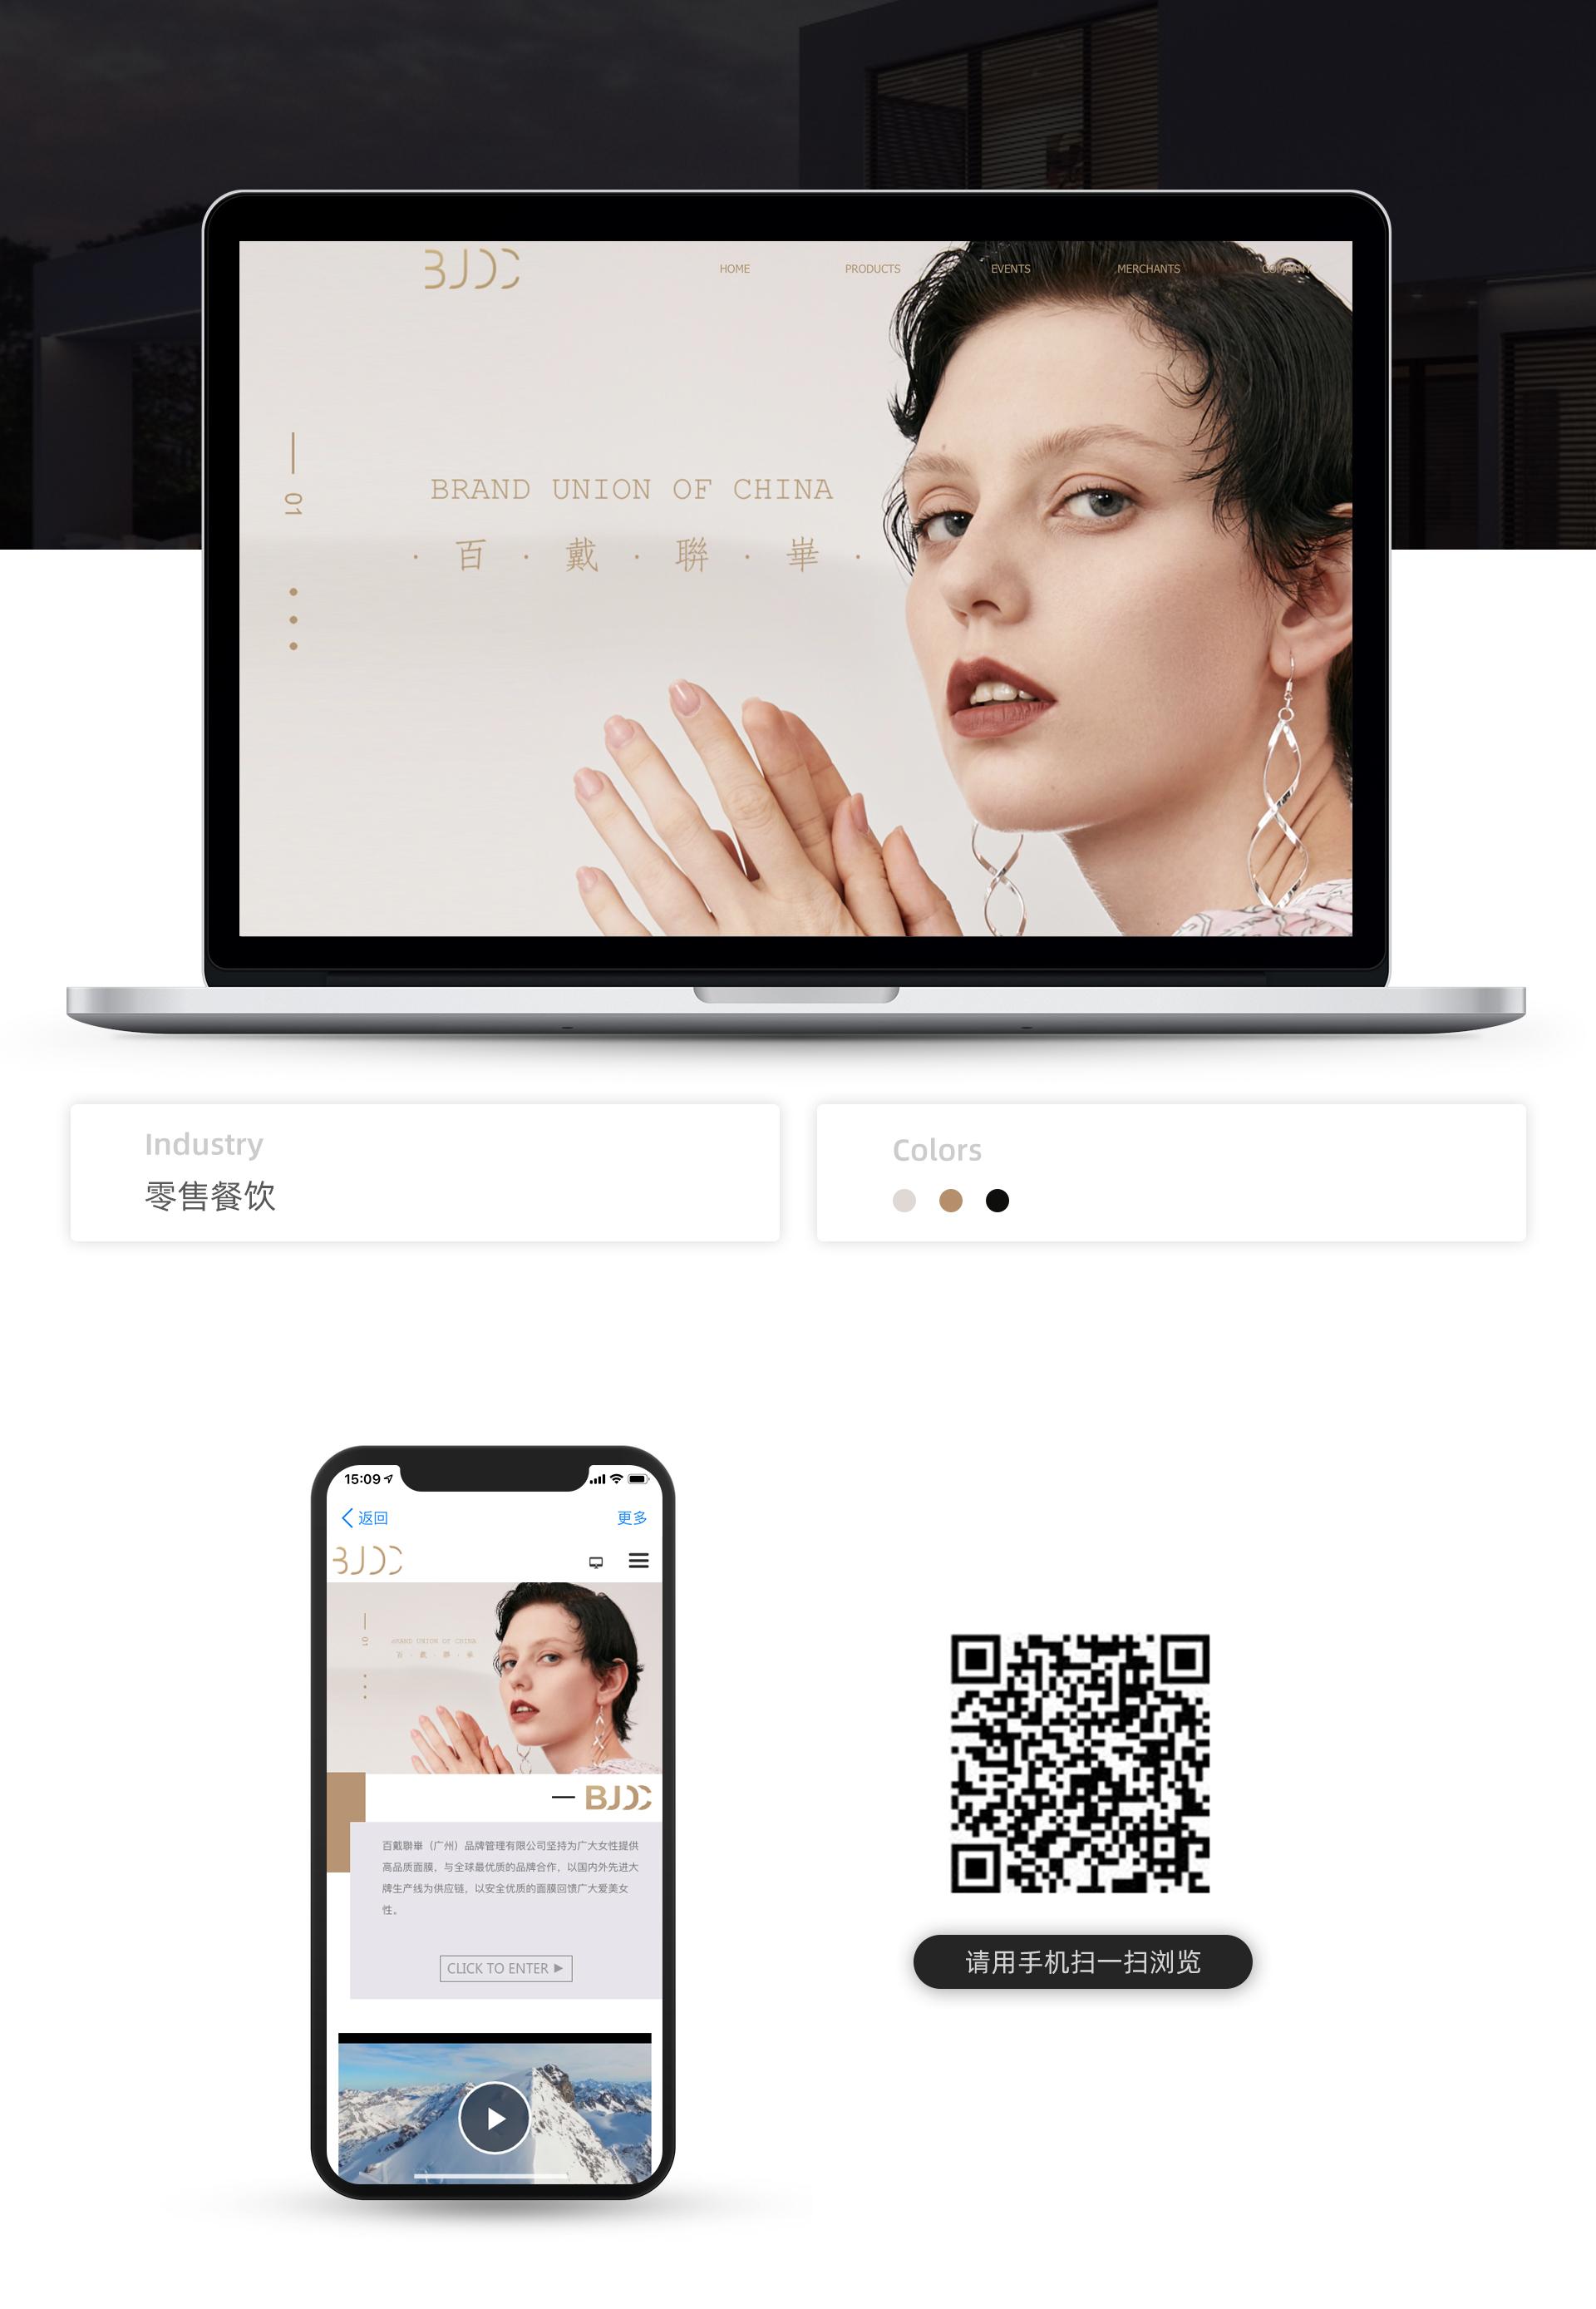 内页-云企案例设计简介-有手机版204368743220115